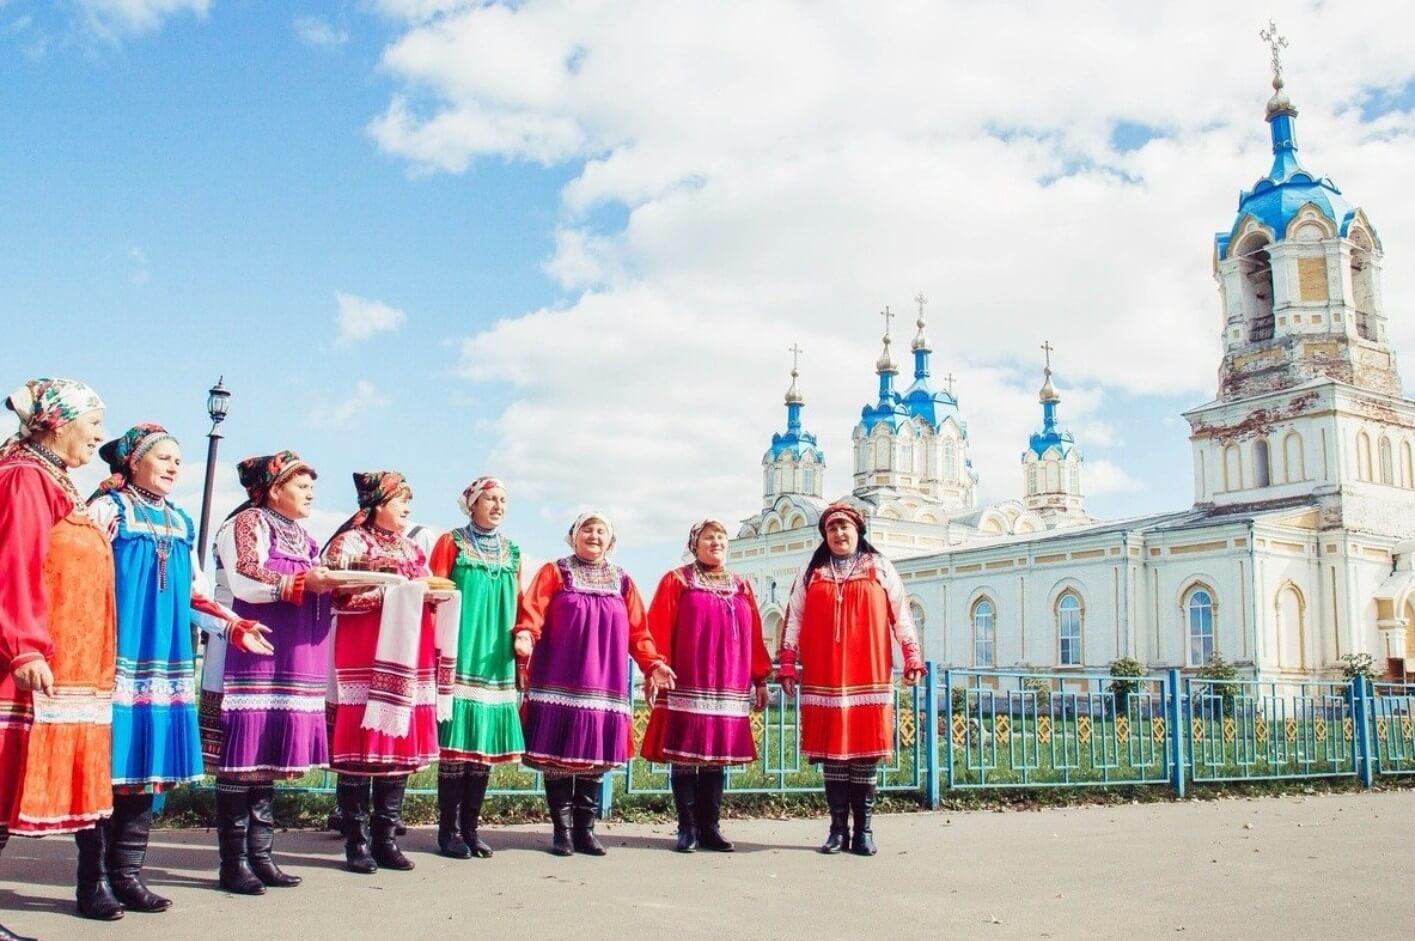 Саранск Достопримечательности фото с описанием что посмотреть за один день куда сходить